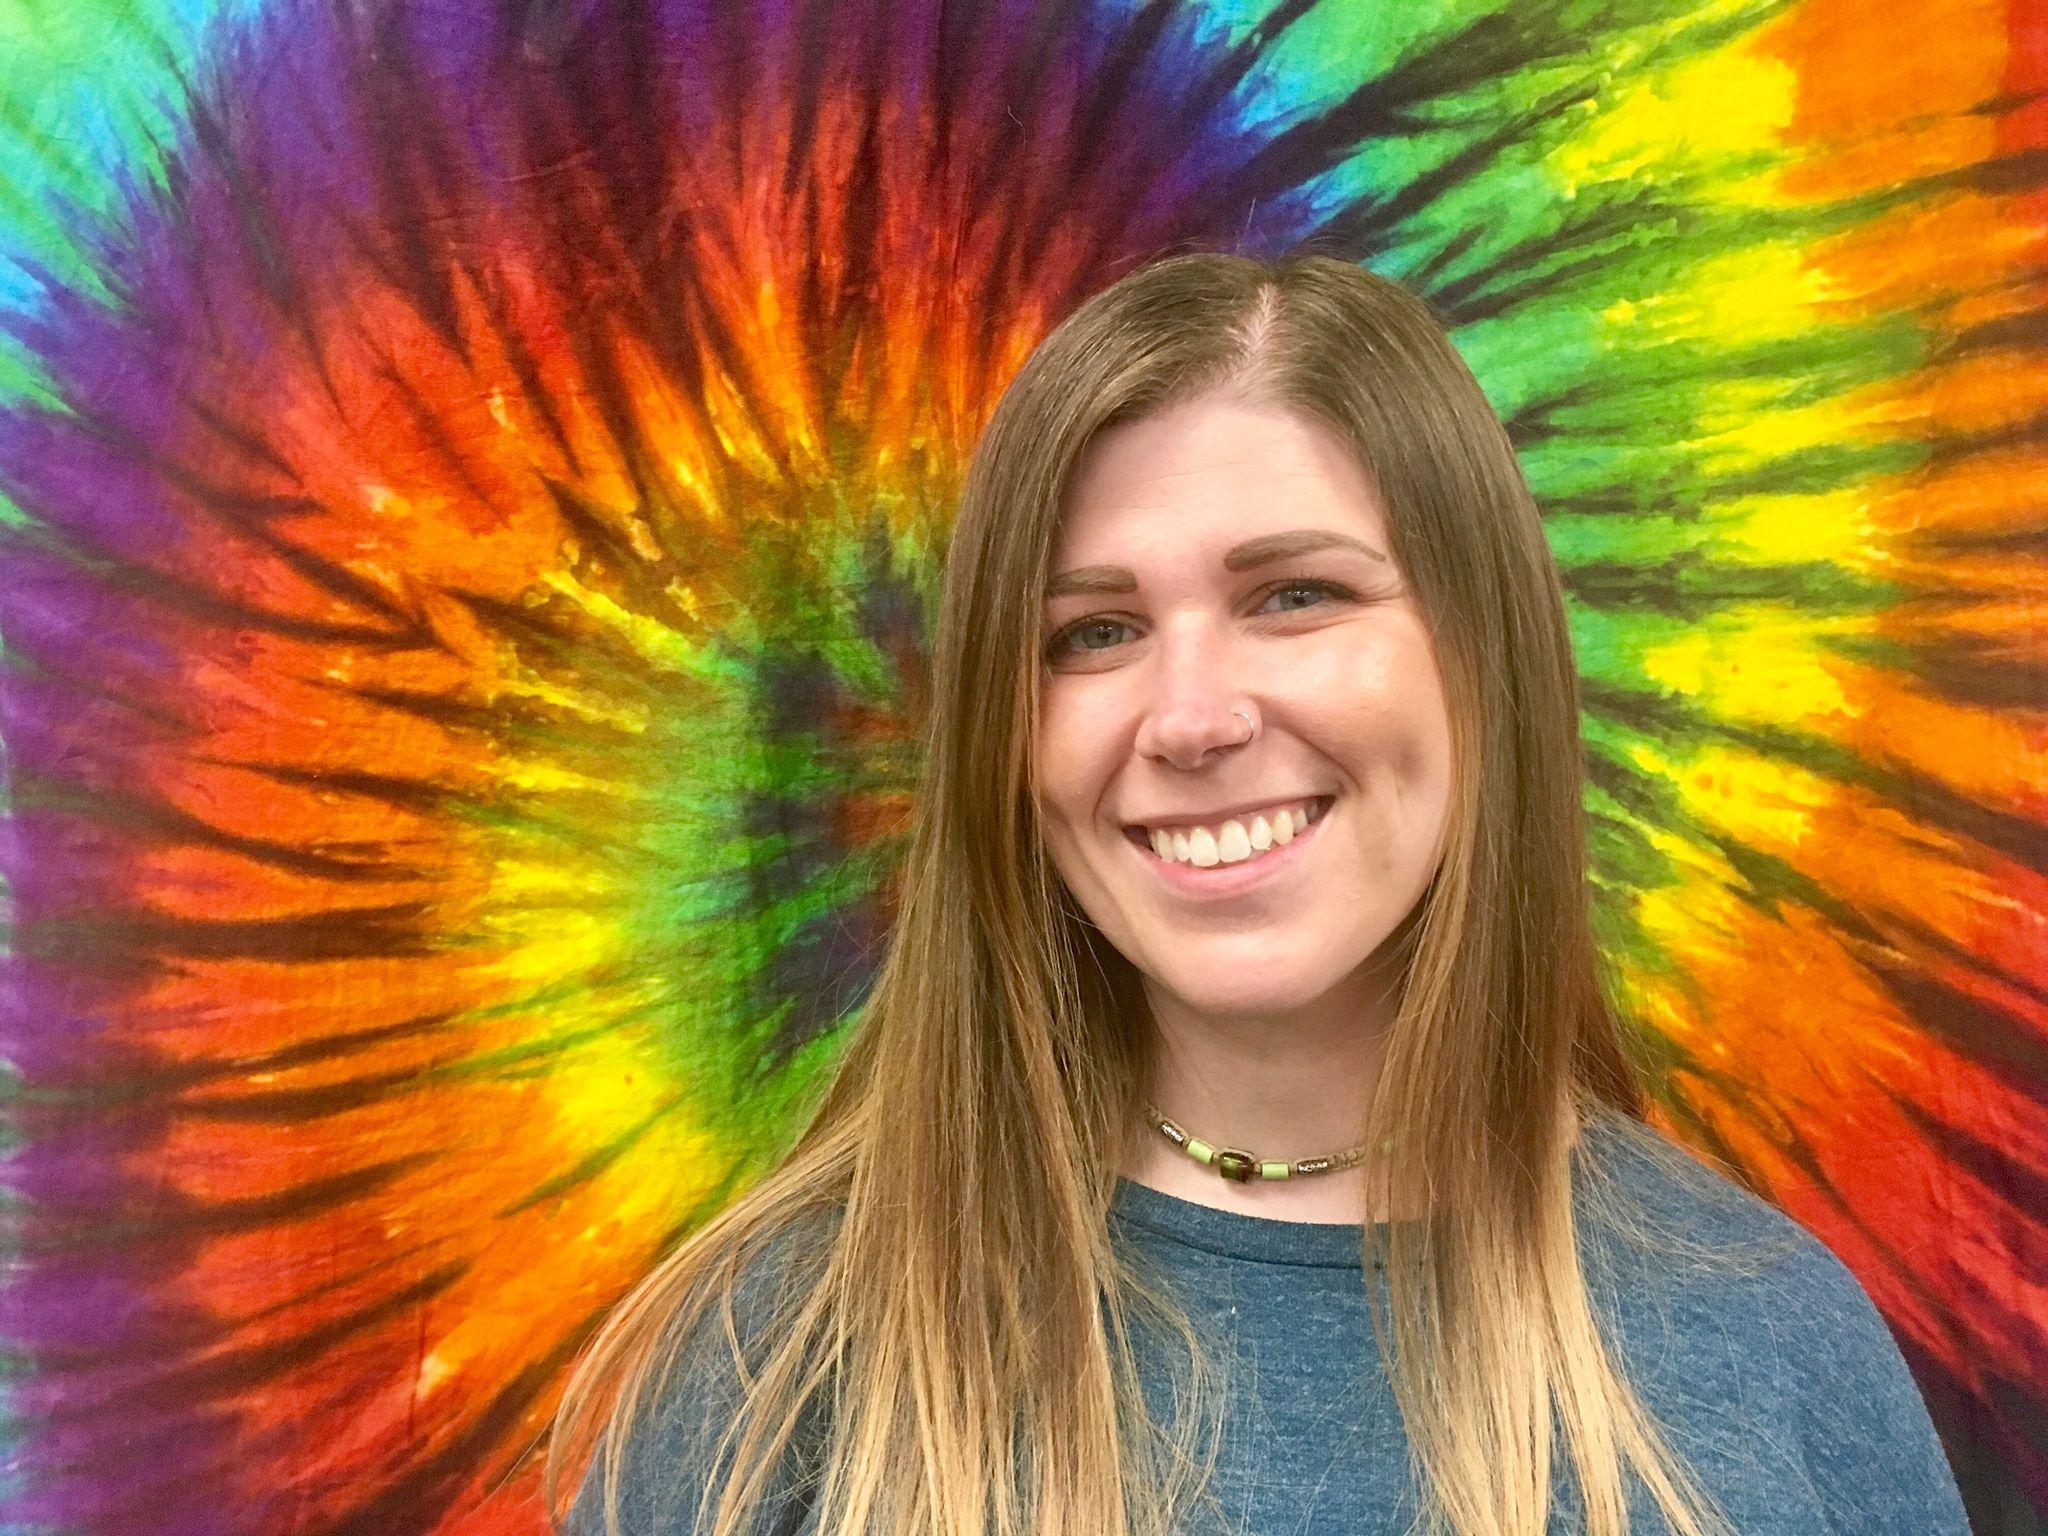 Lindsay Marentette Denver, CO   lindsaym@emanuelps.org